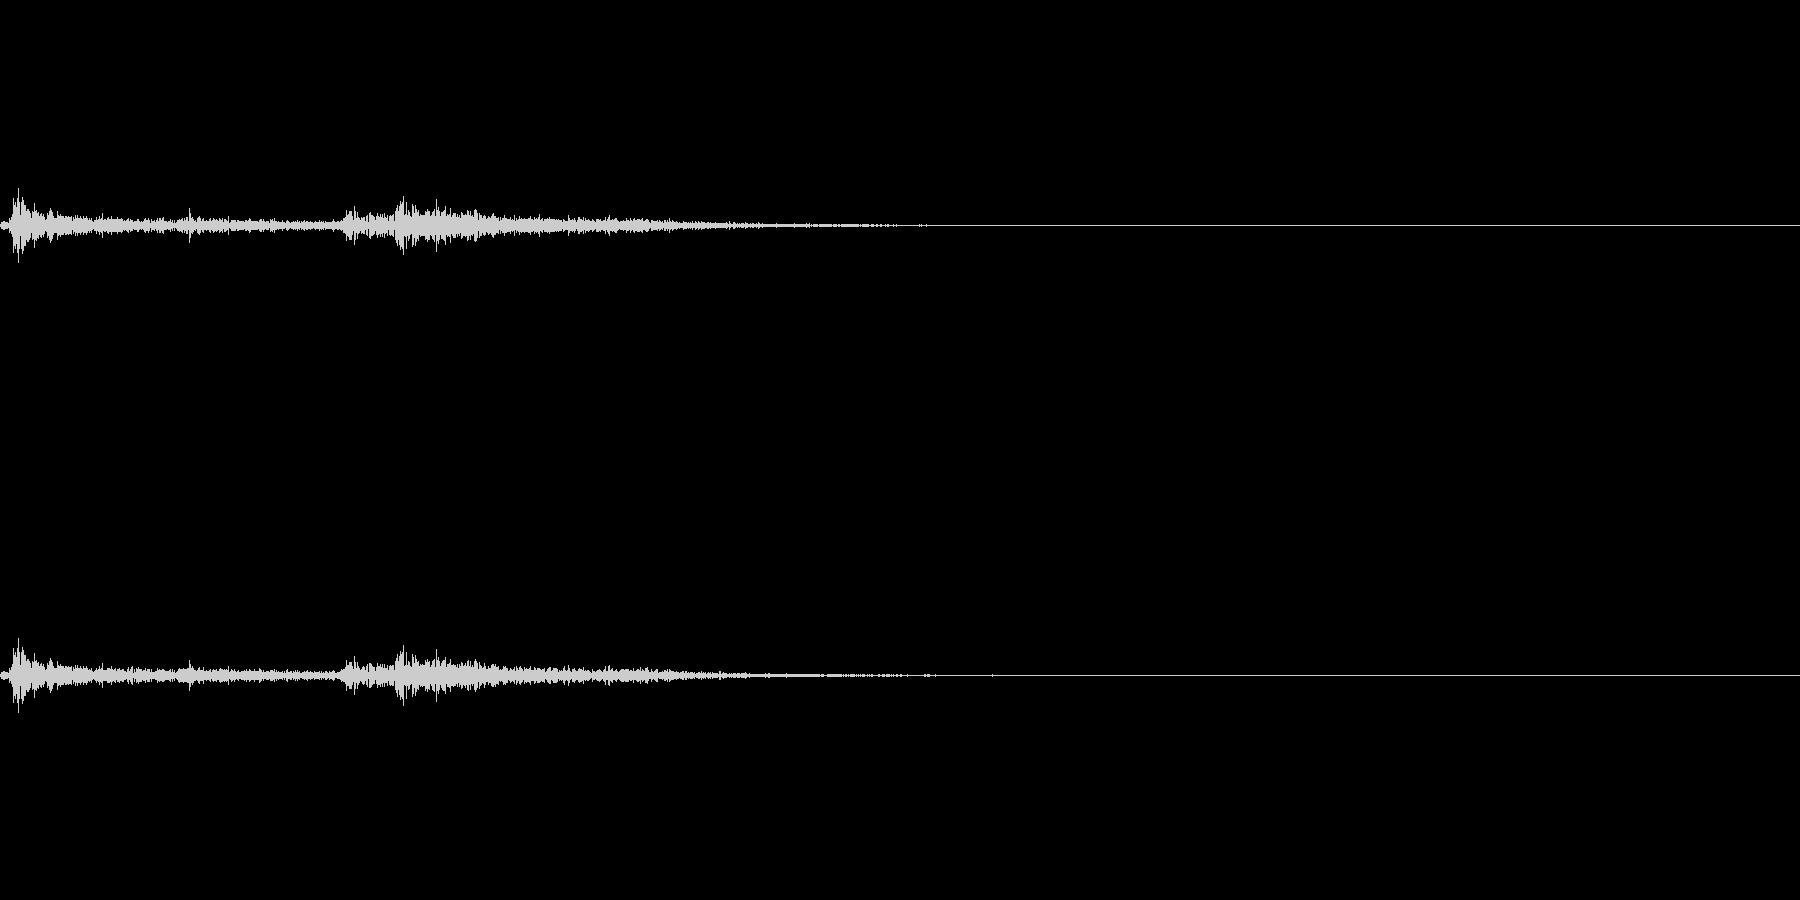 剣・構える-12の未再生の波形